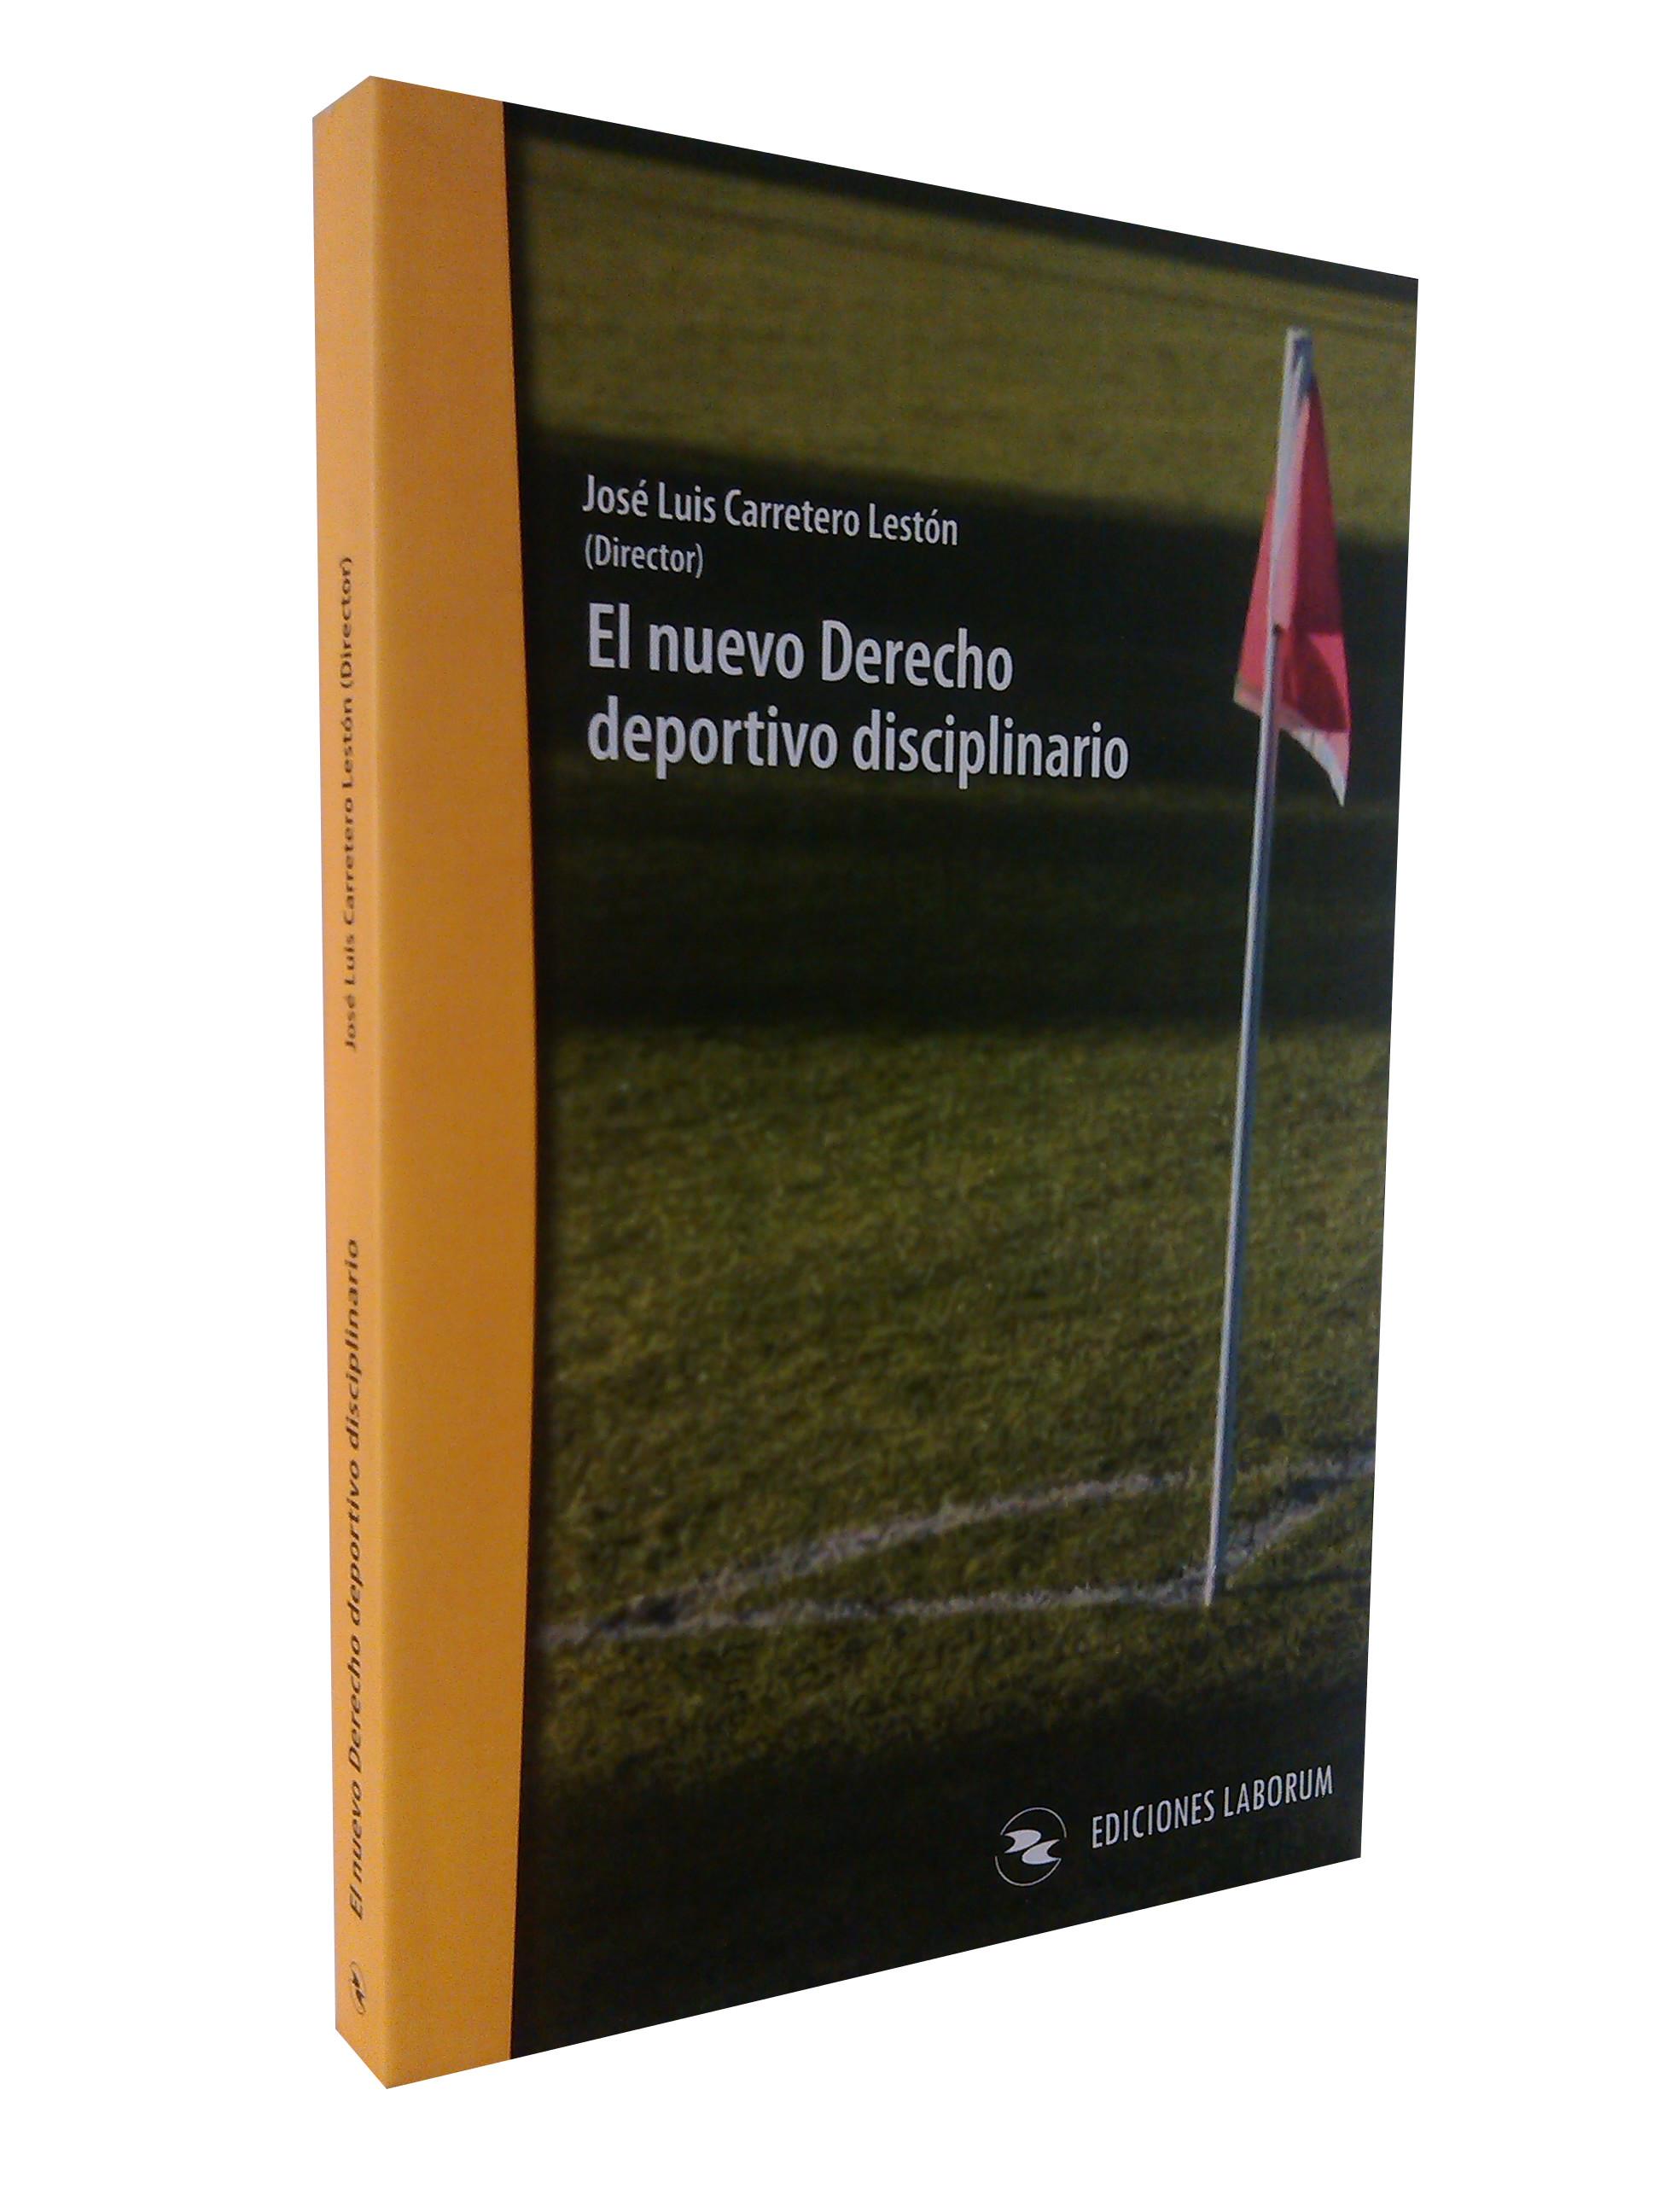 El nuevo Derecho deportivo disciplinario